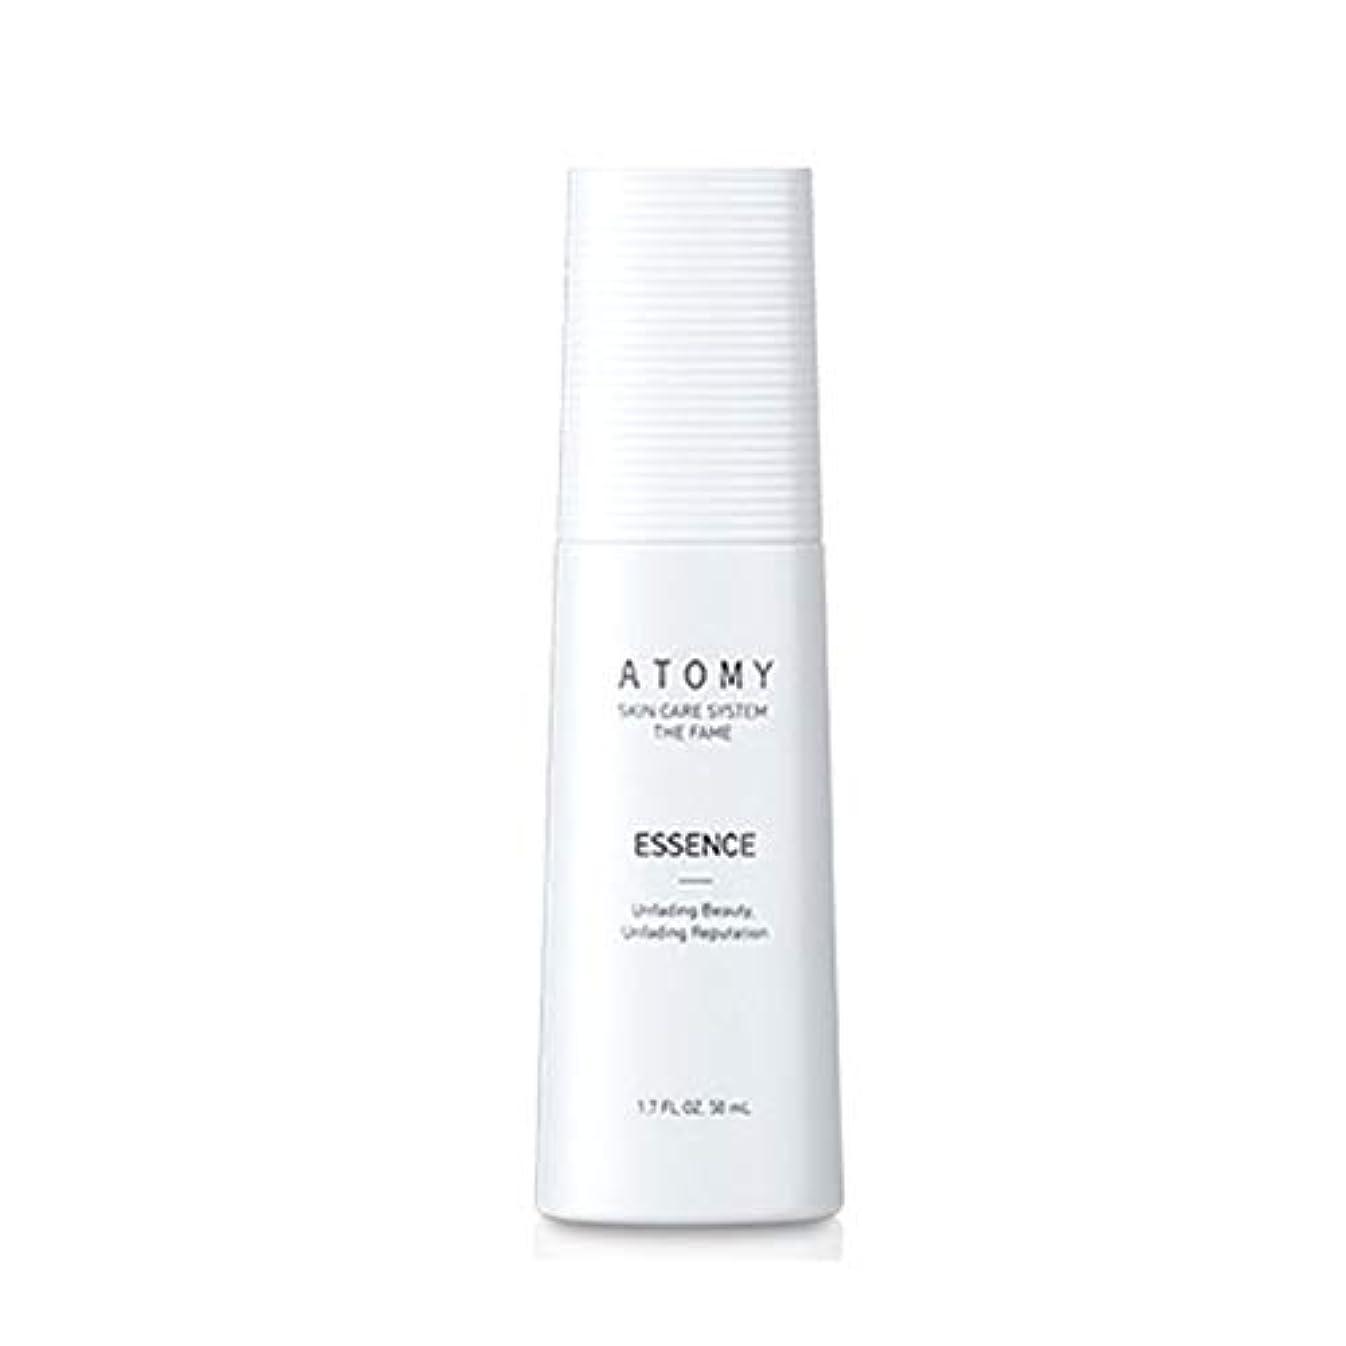 軍団旅行髄アトミザ?フェームエッセンス50ml韓国コスメ、Atomy The Fame Essence 50ml Korean Cosmetics [並行輸入品]